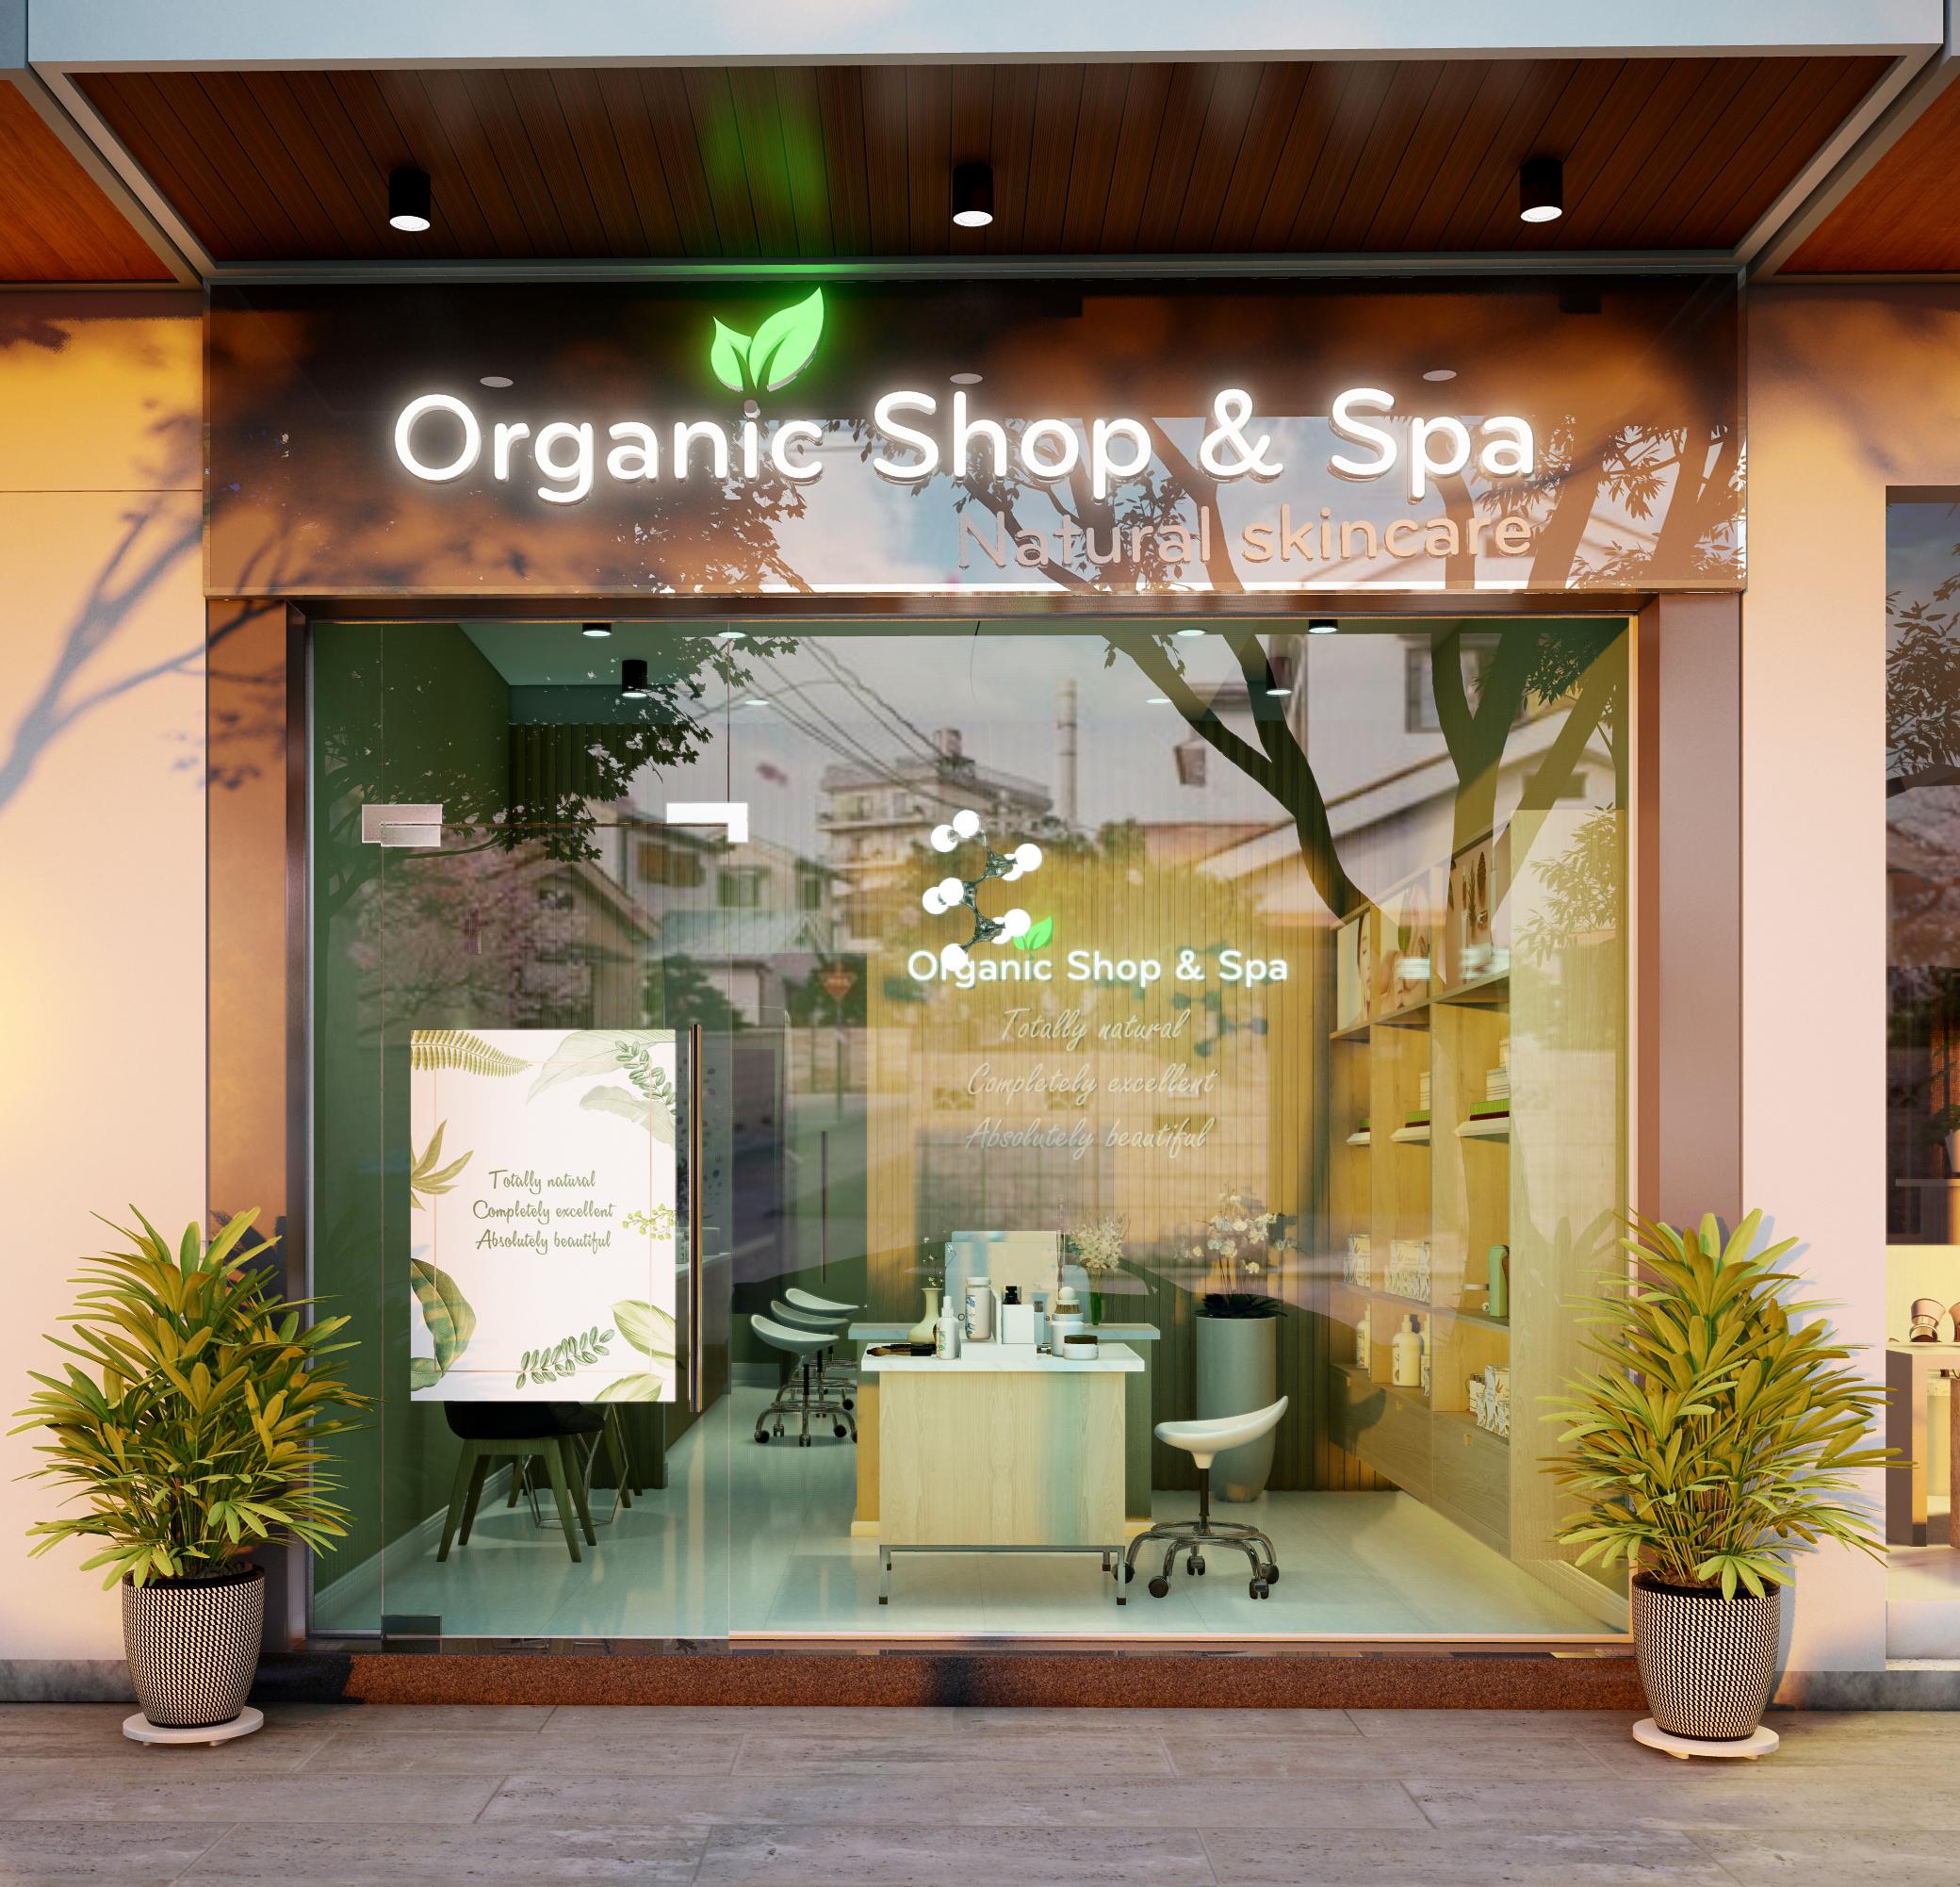 Thiết kế nội thất Spa tại Hồ Chí Minh HCM.MRGIANG-SHOP&SPA 1590203840 0